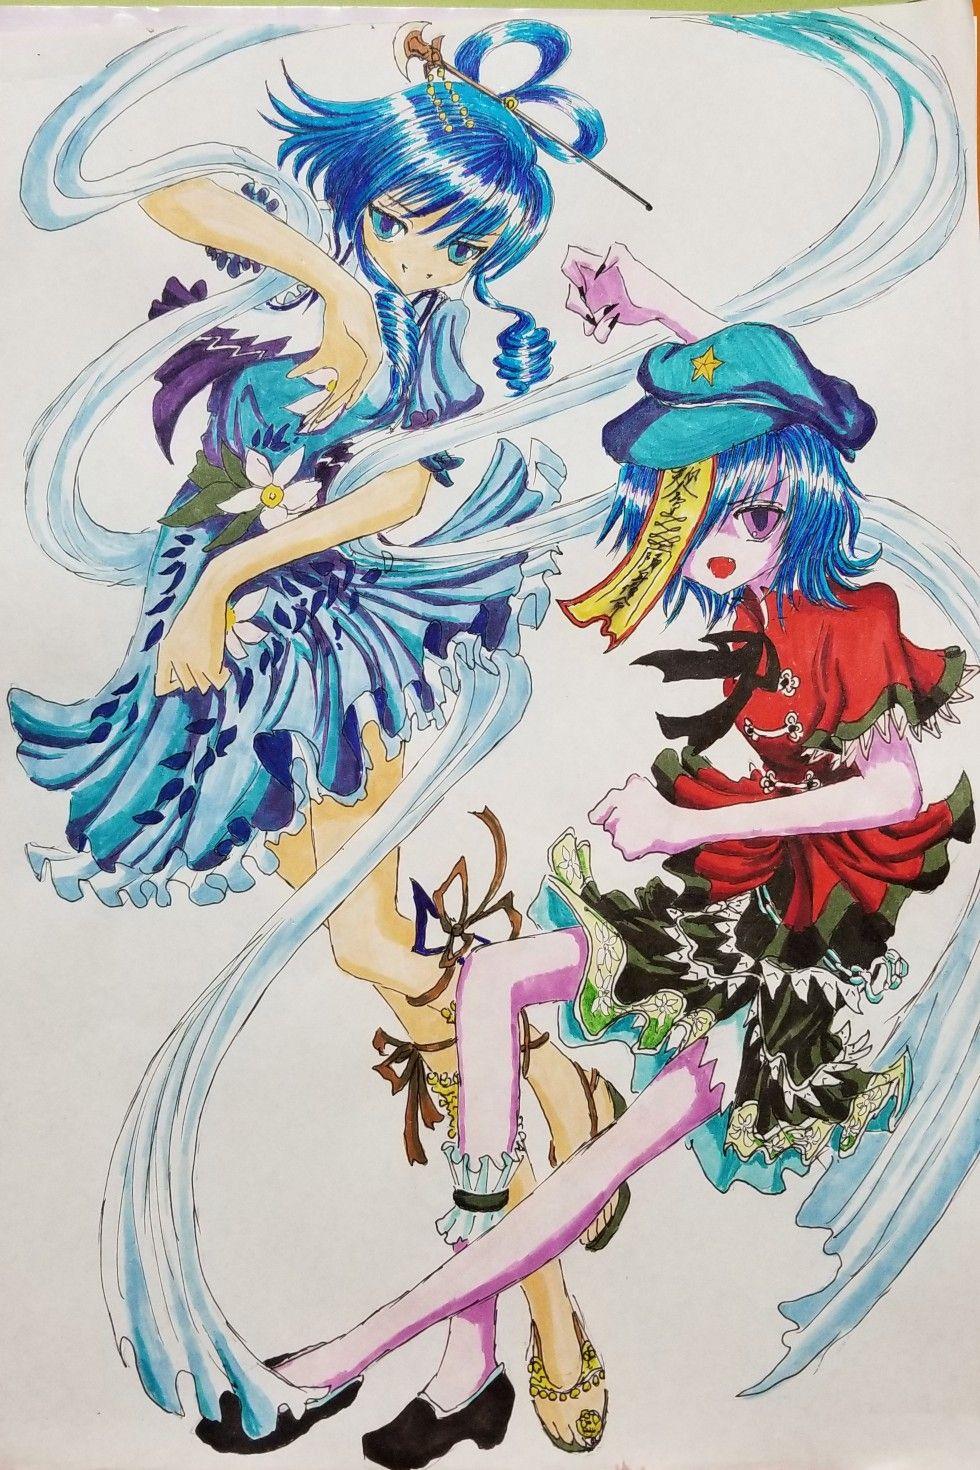 東方神霊廟キャラ 霍青娥と宮古芳香を描きました anime art tutorial anime art art tutorials